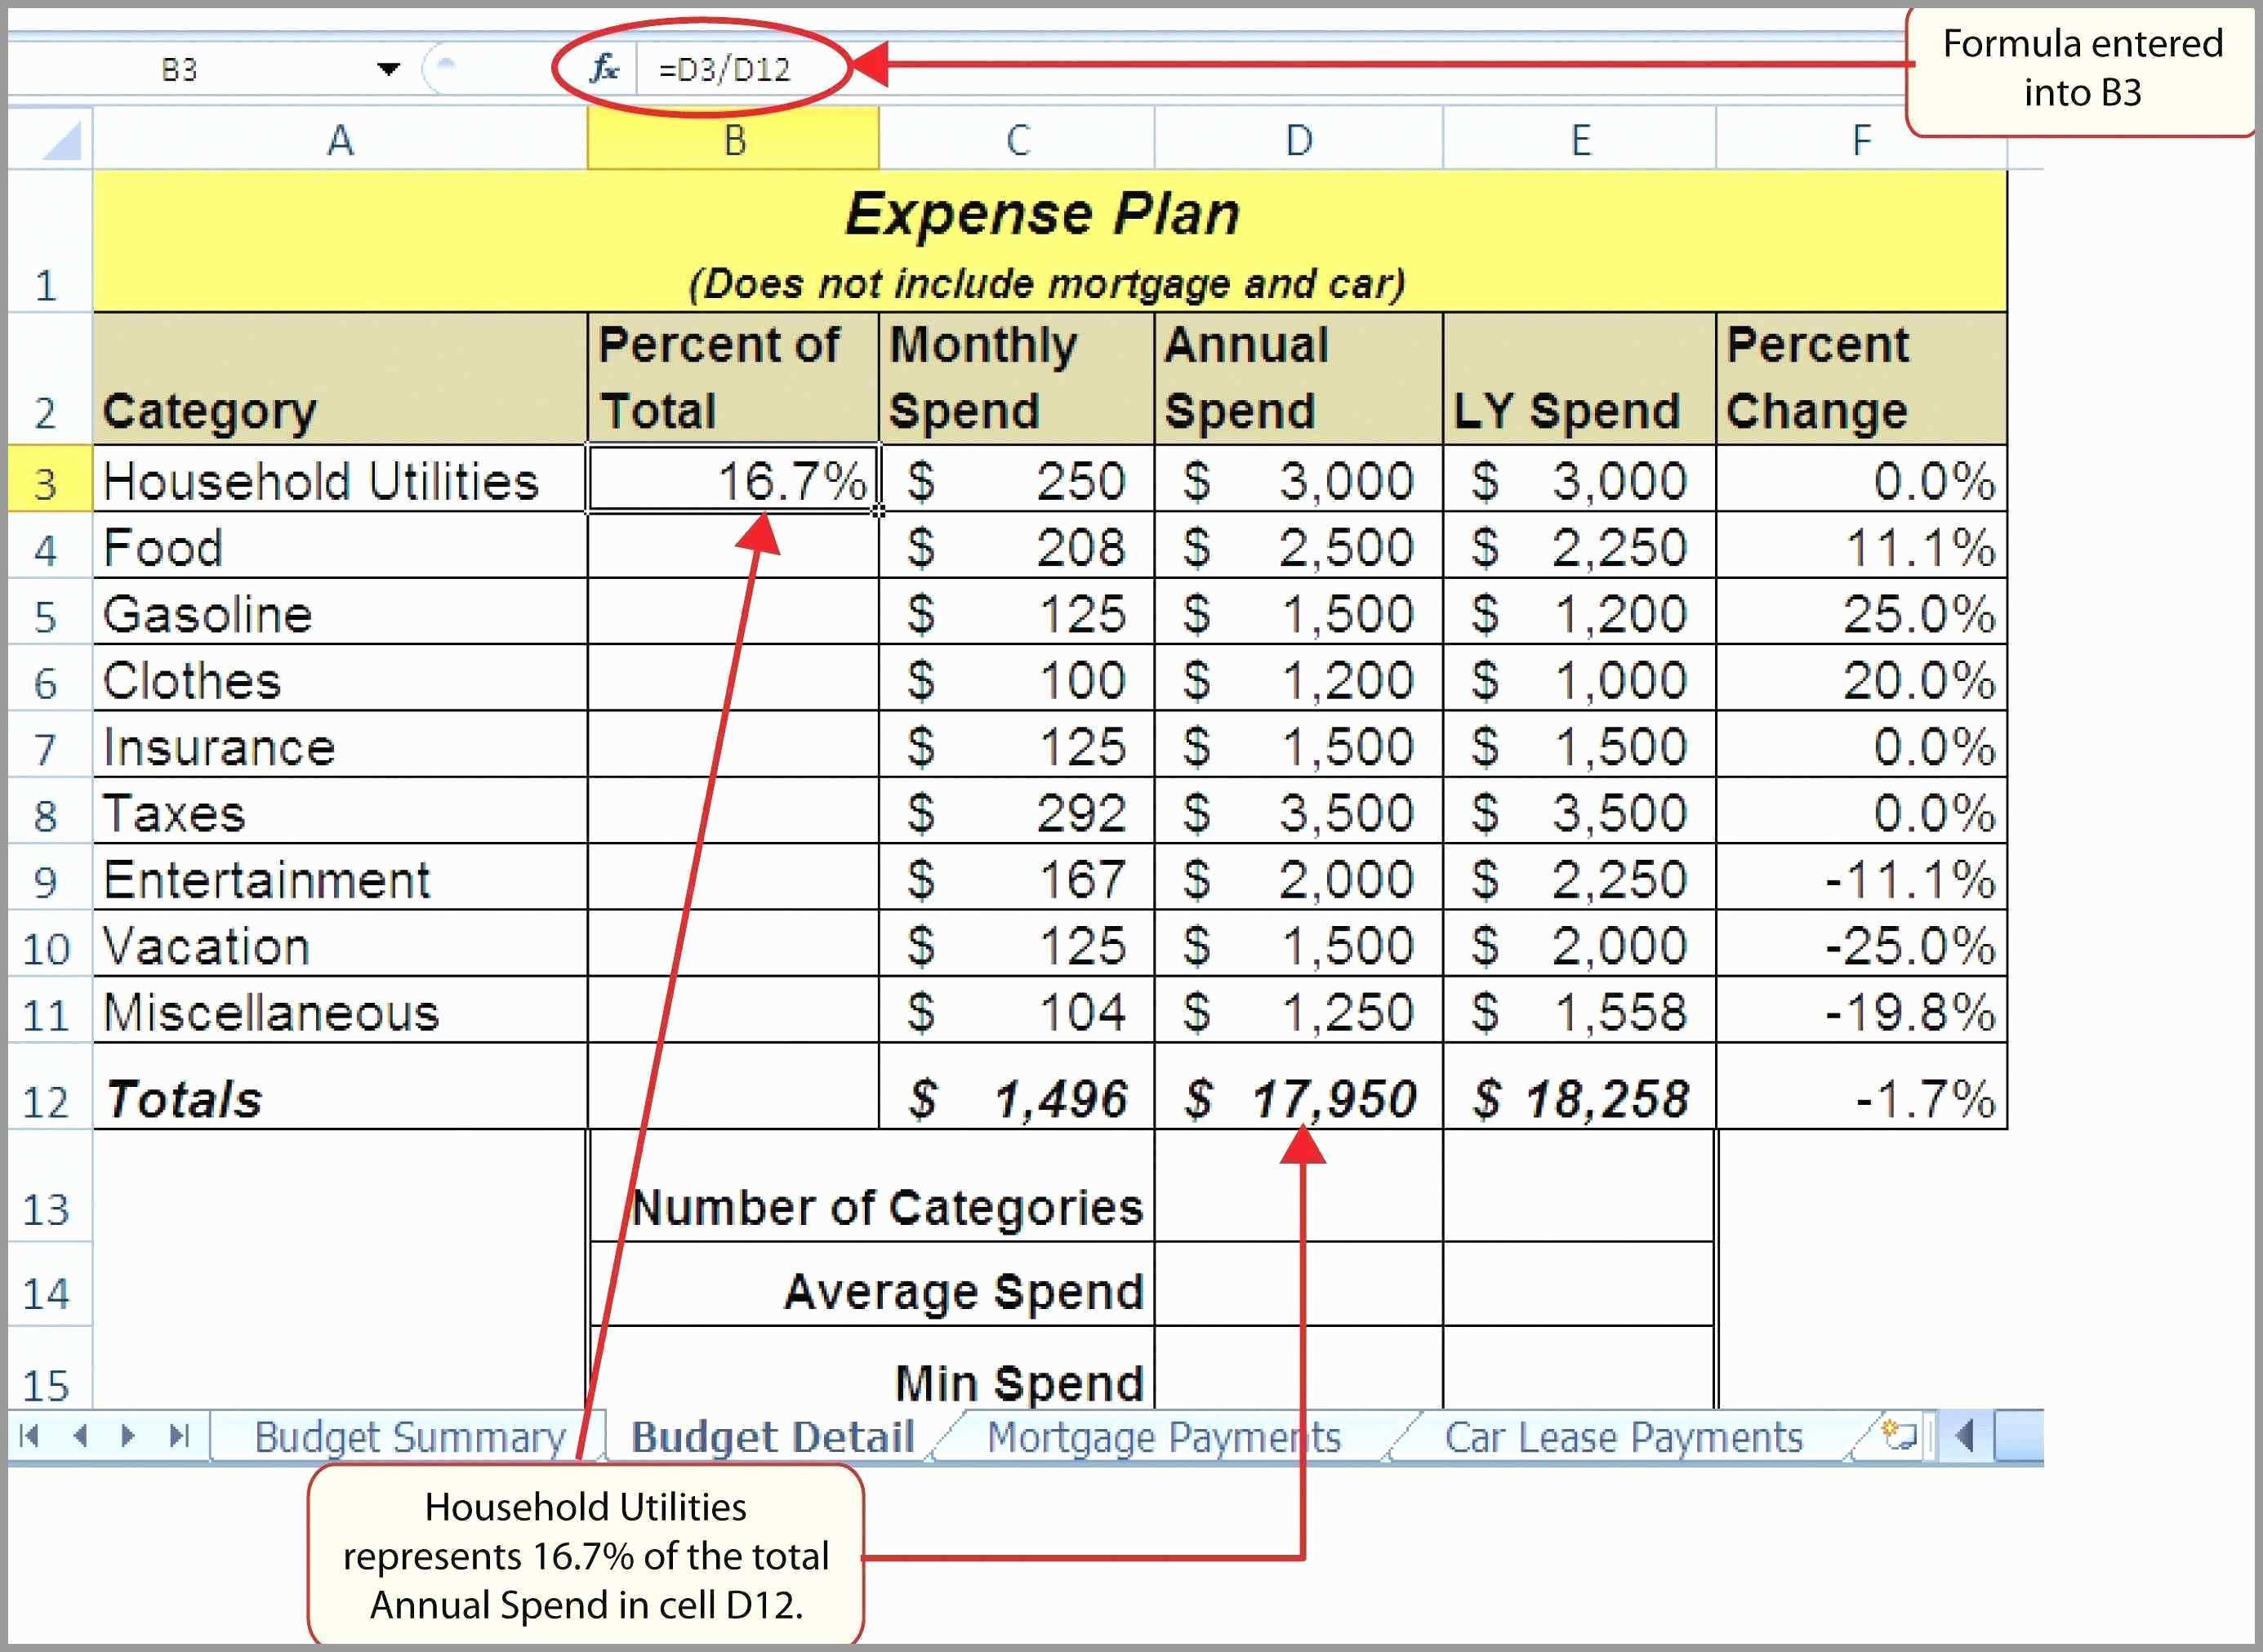 Restaurant Valuation Spreadsheet throughout Restaurant Cash Flow Statement Template Marvelous Restaurant Chain